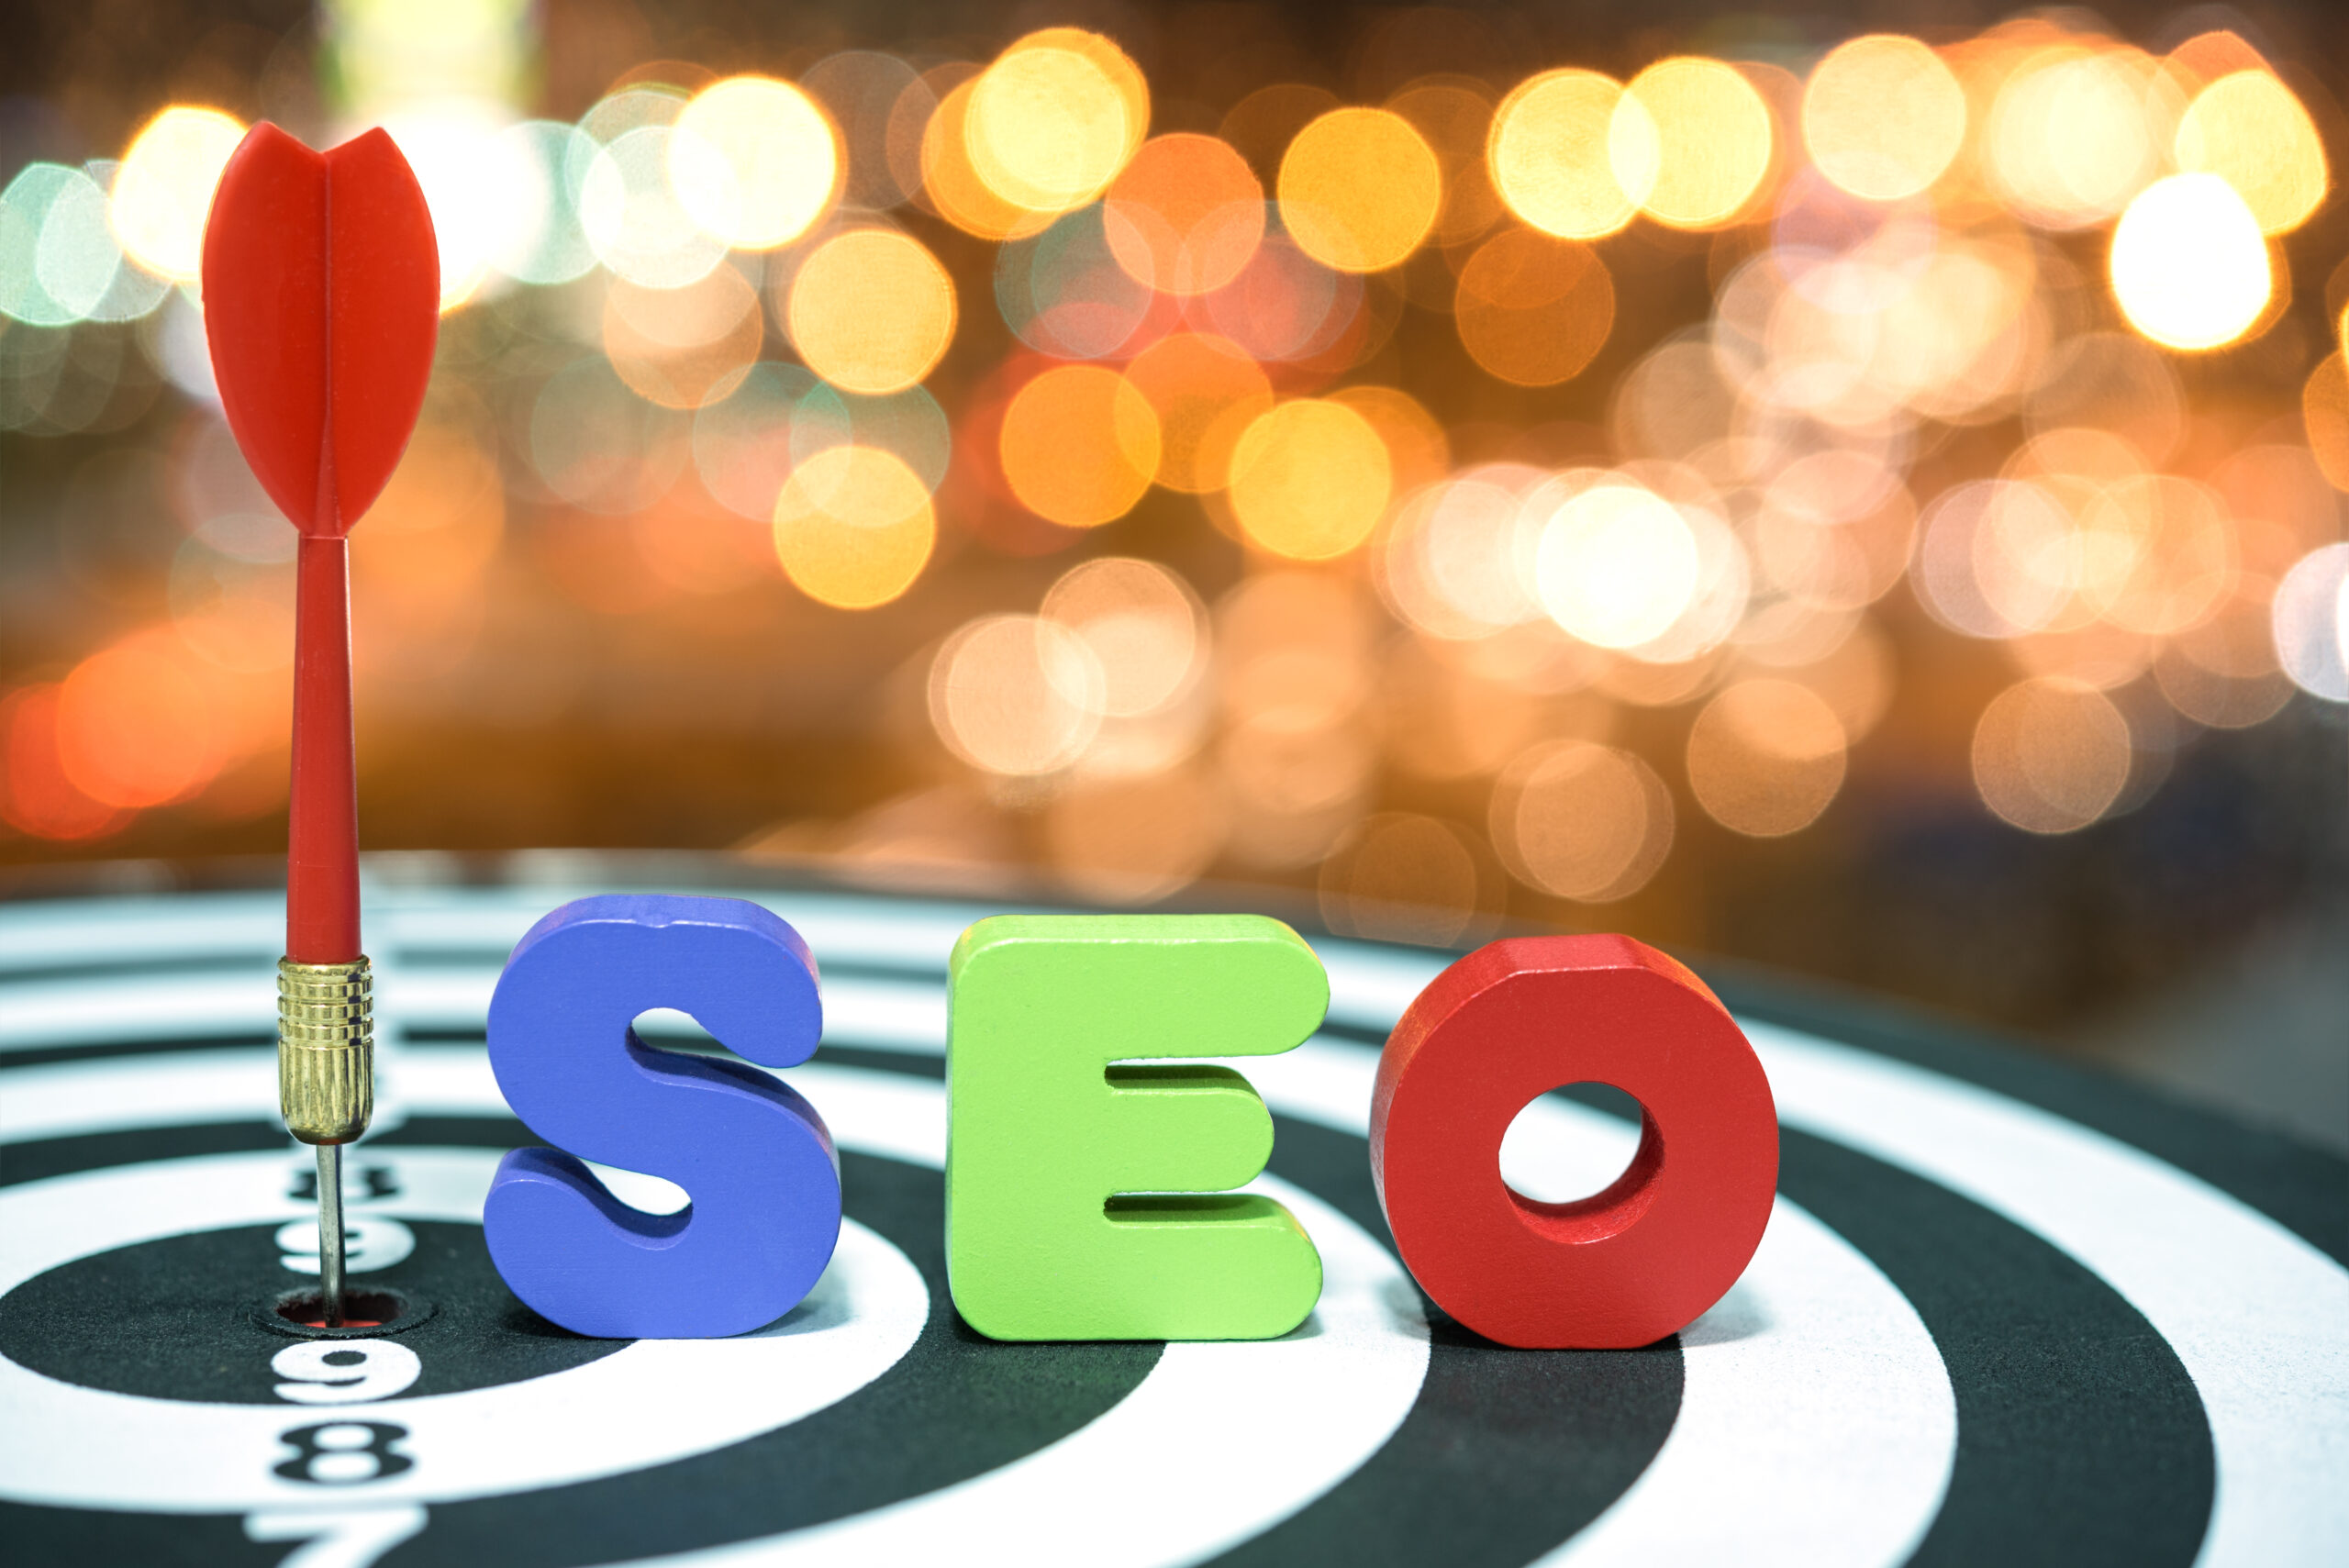 Lokaal ranken in Google met Search Engine Optimization door Creative Ones